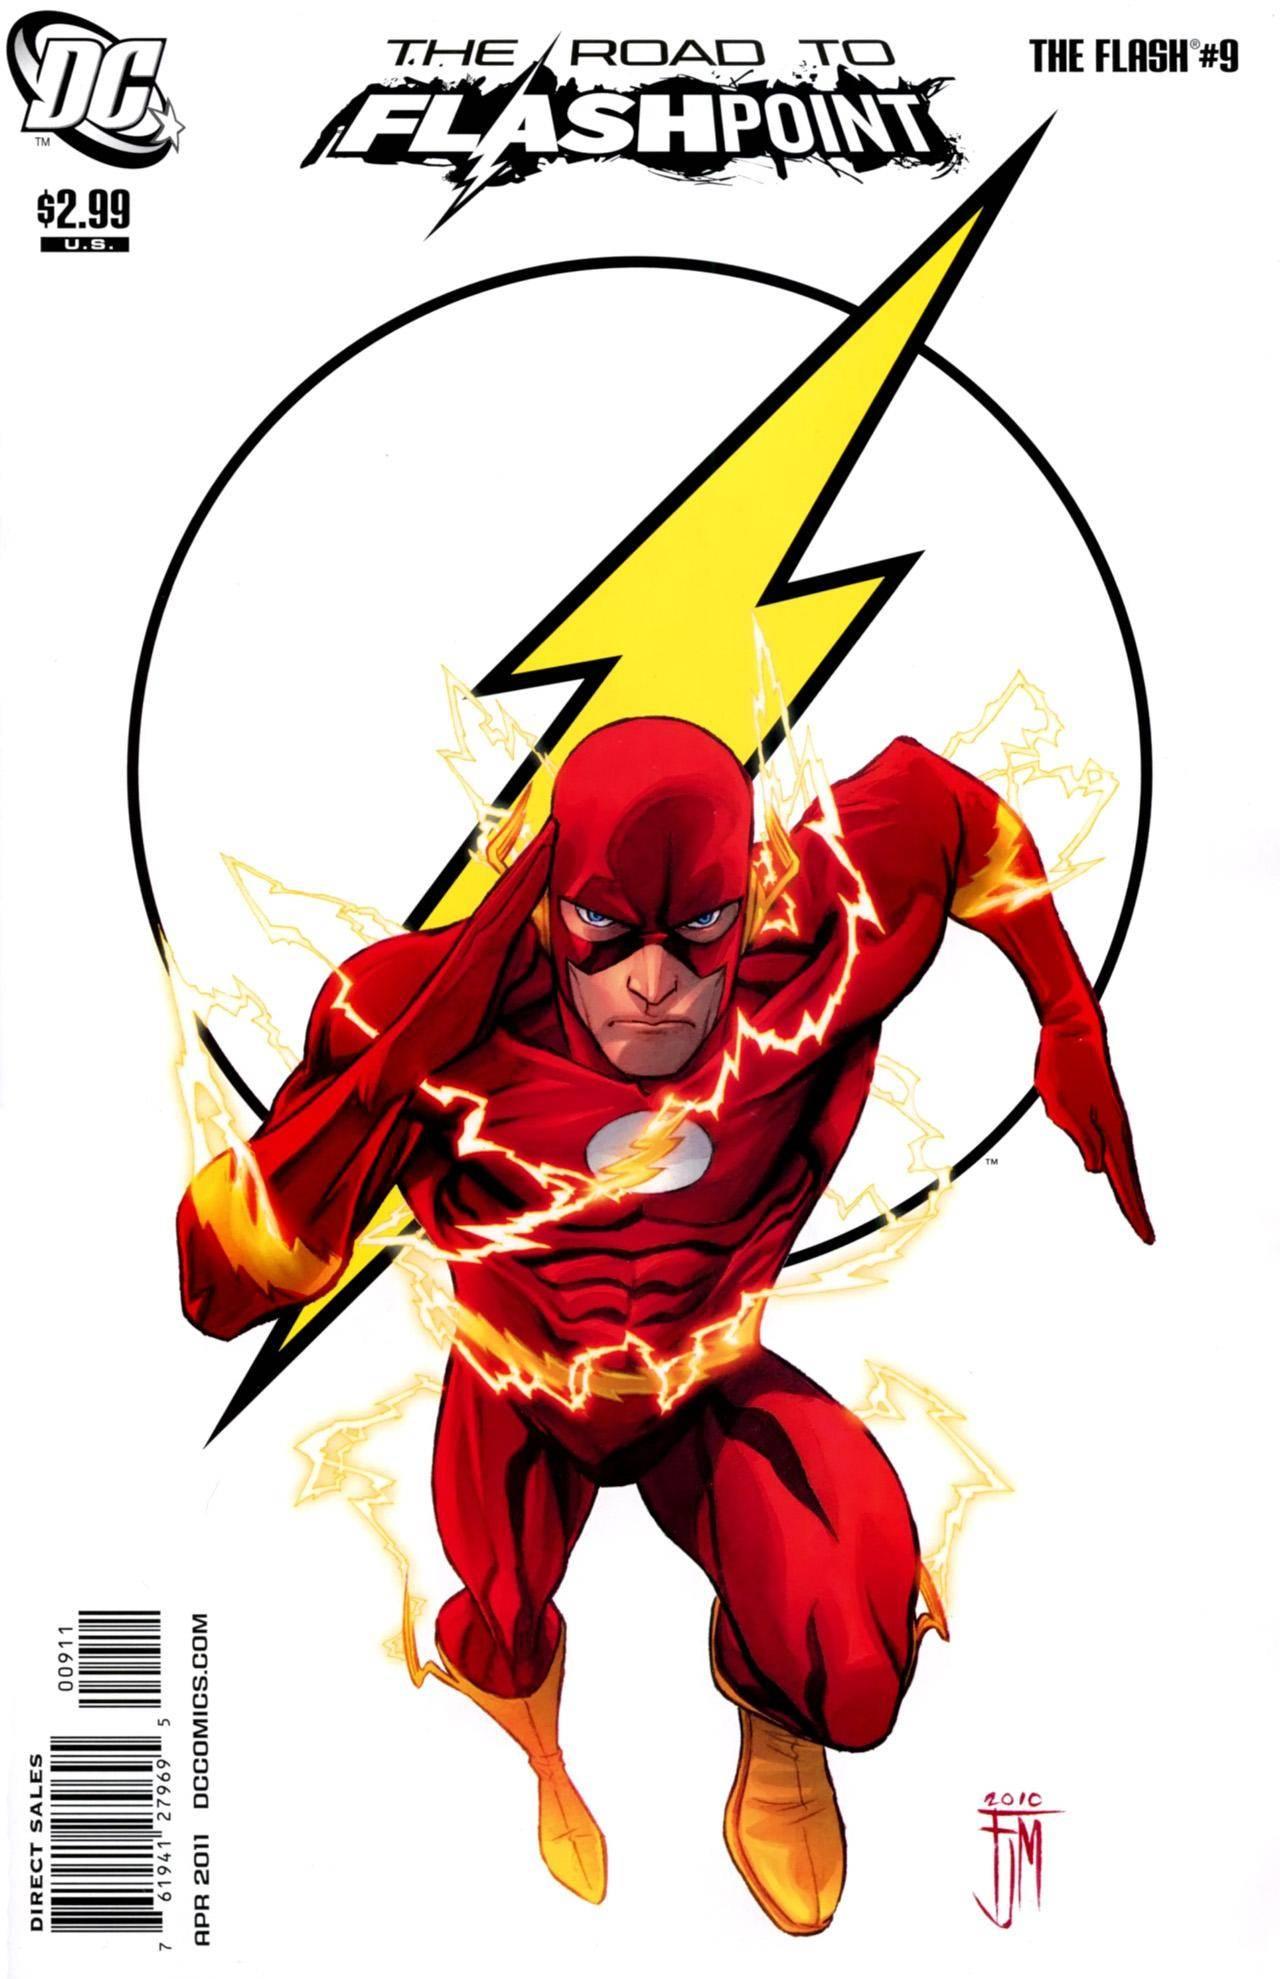 Flash 2009-OYATM 28 of 51Flash 2011-04 009